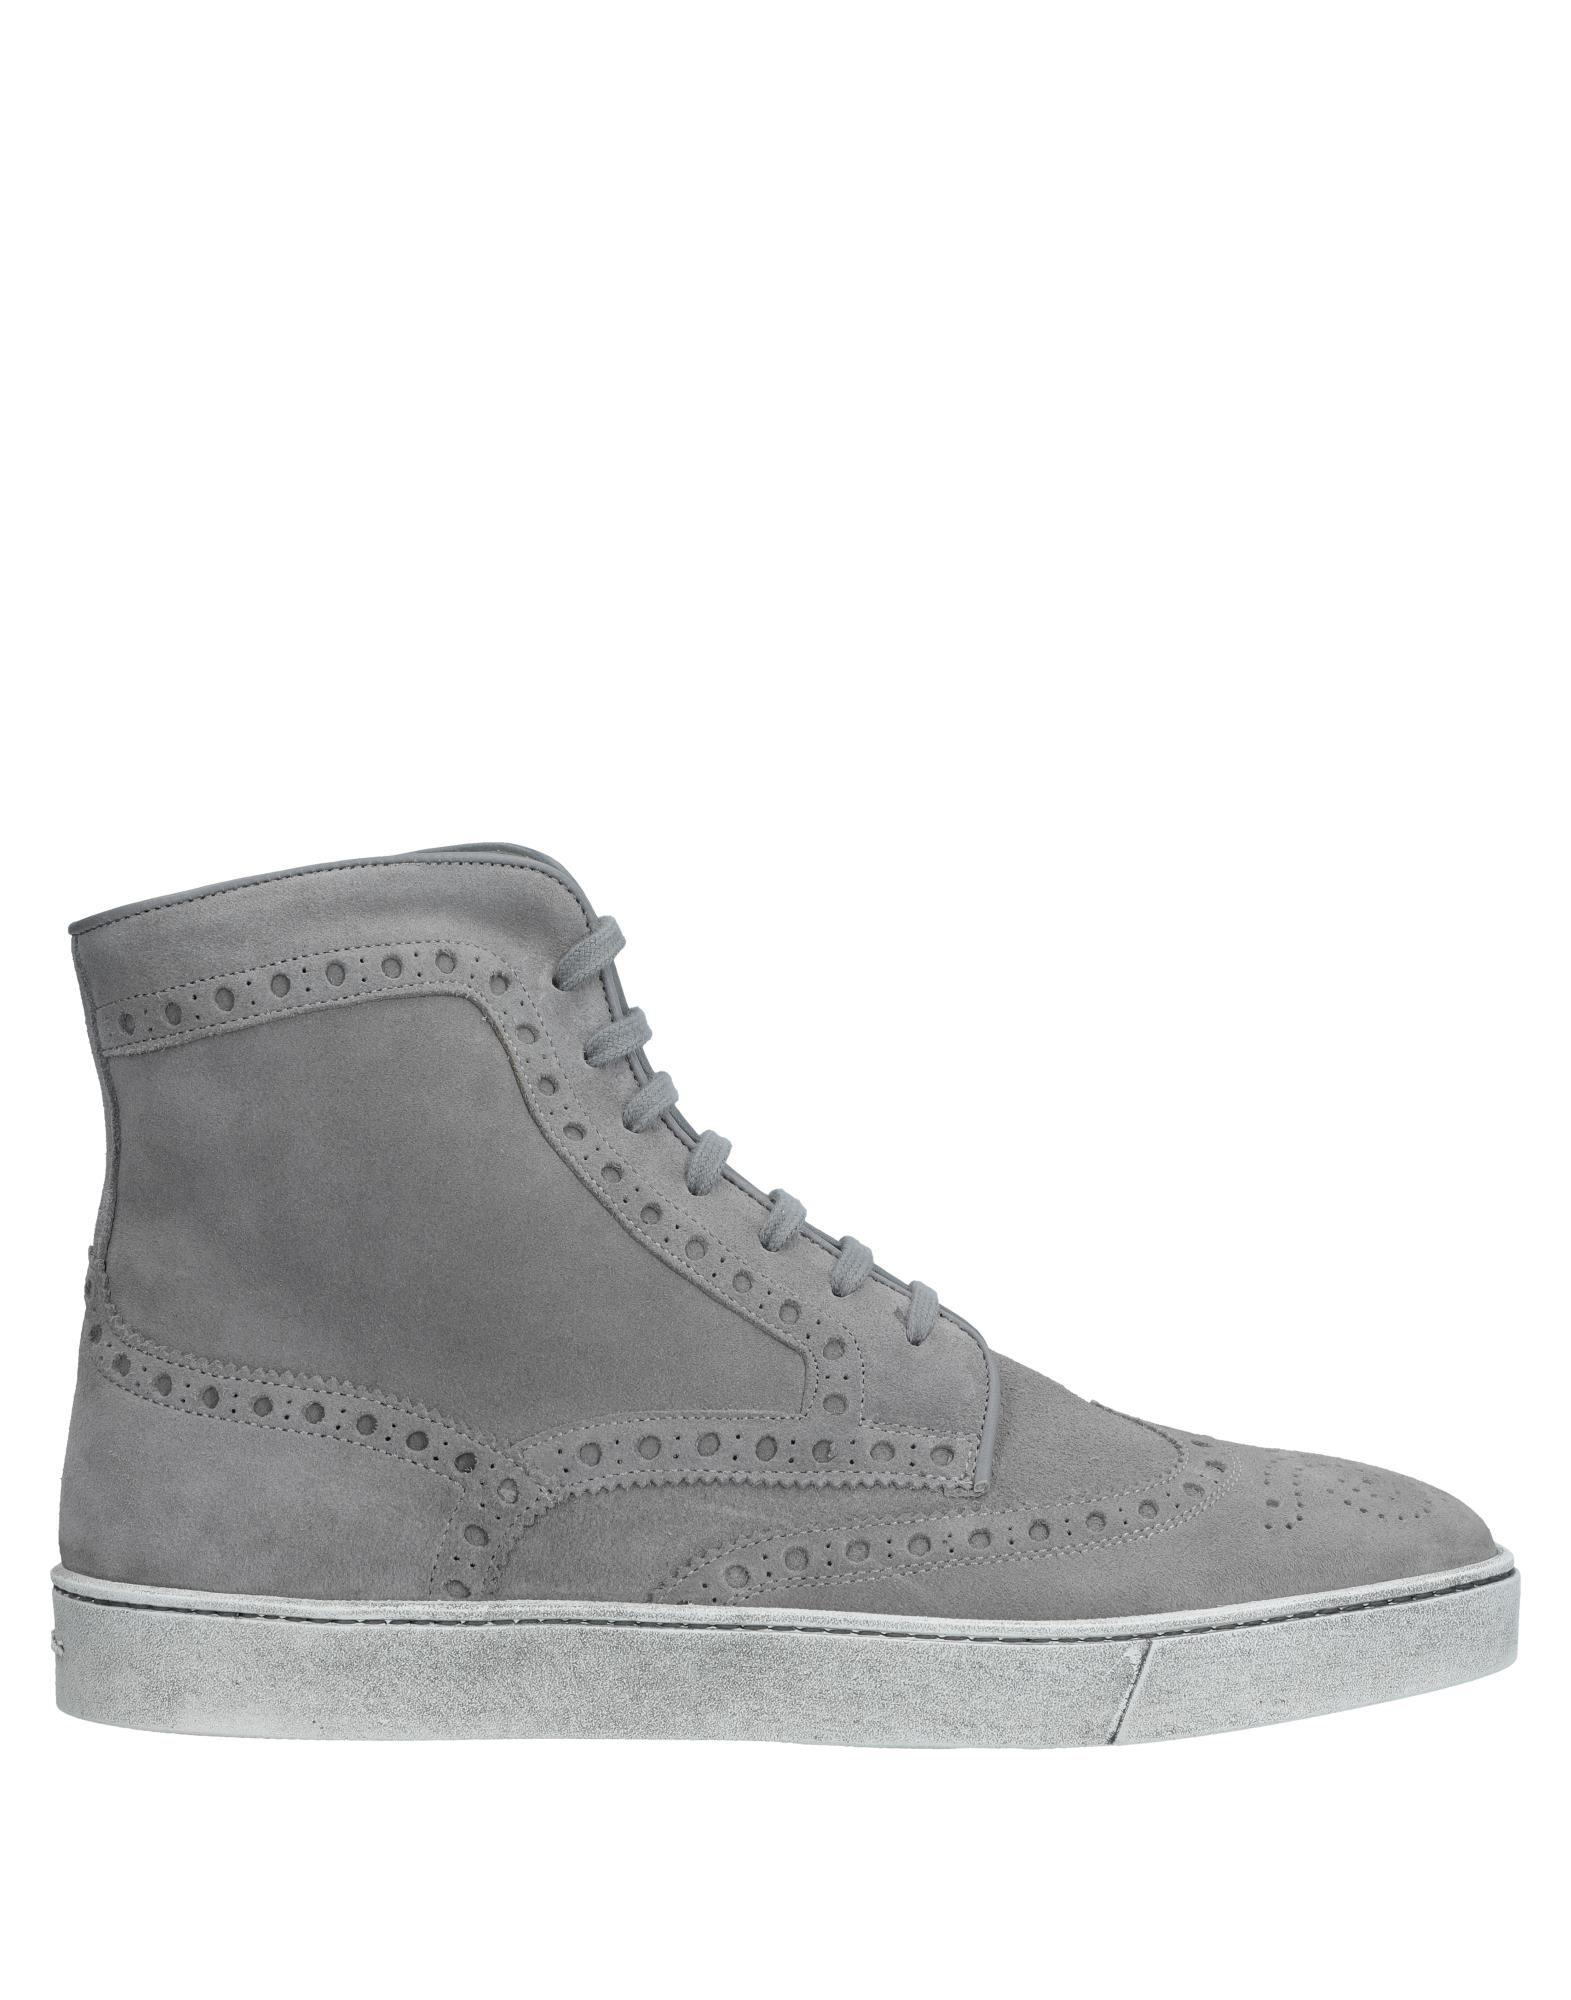 Moda Sneakers Santoni Uomo - 11284009TG